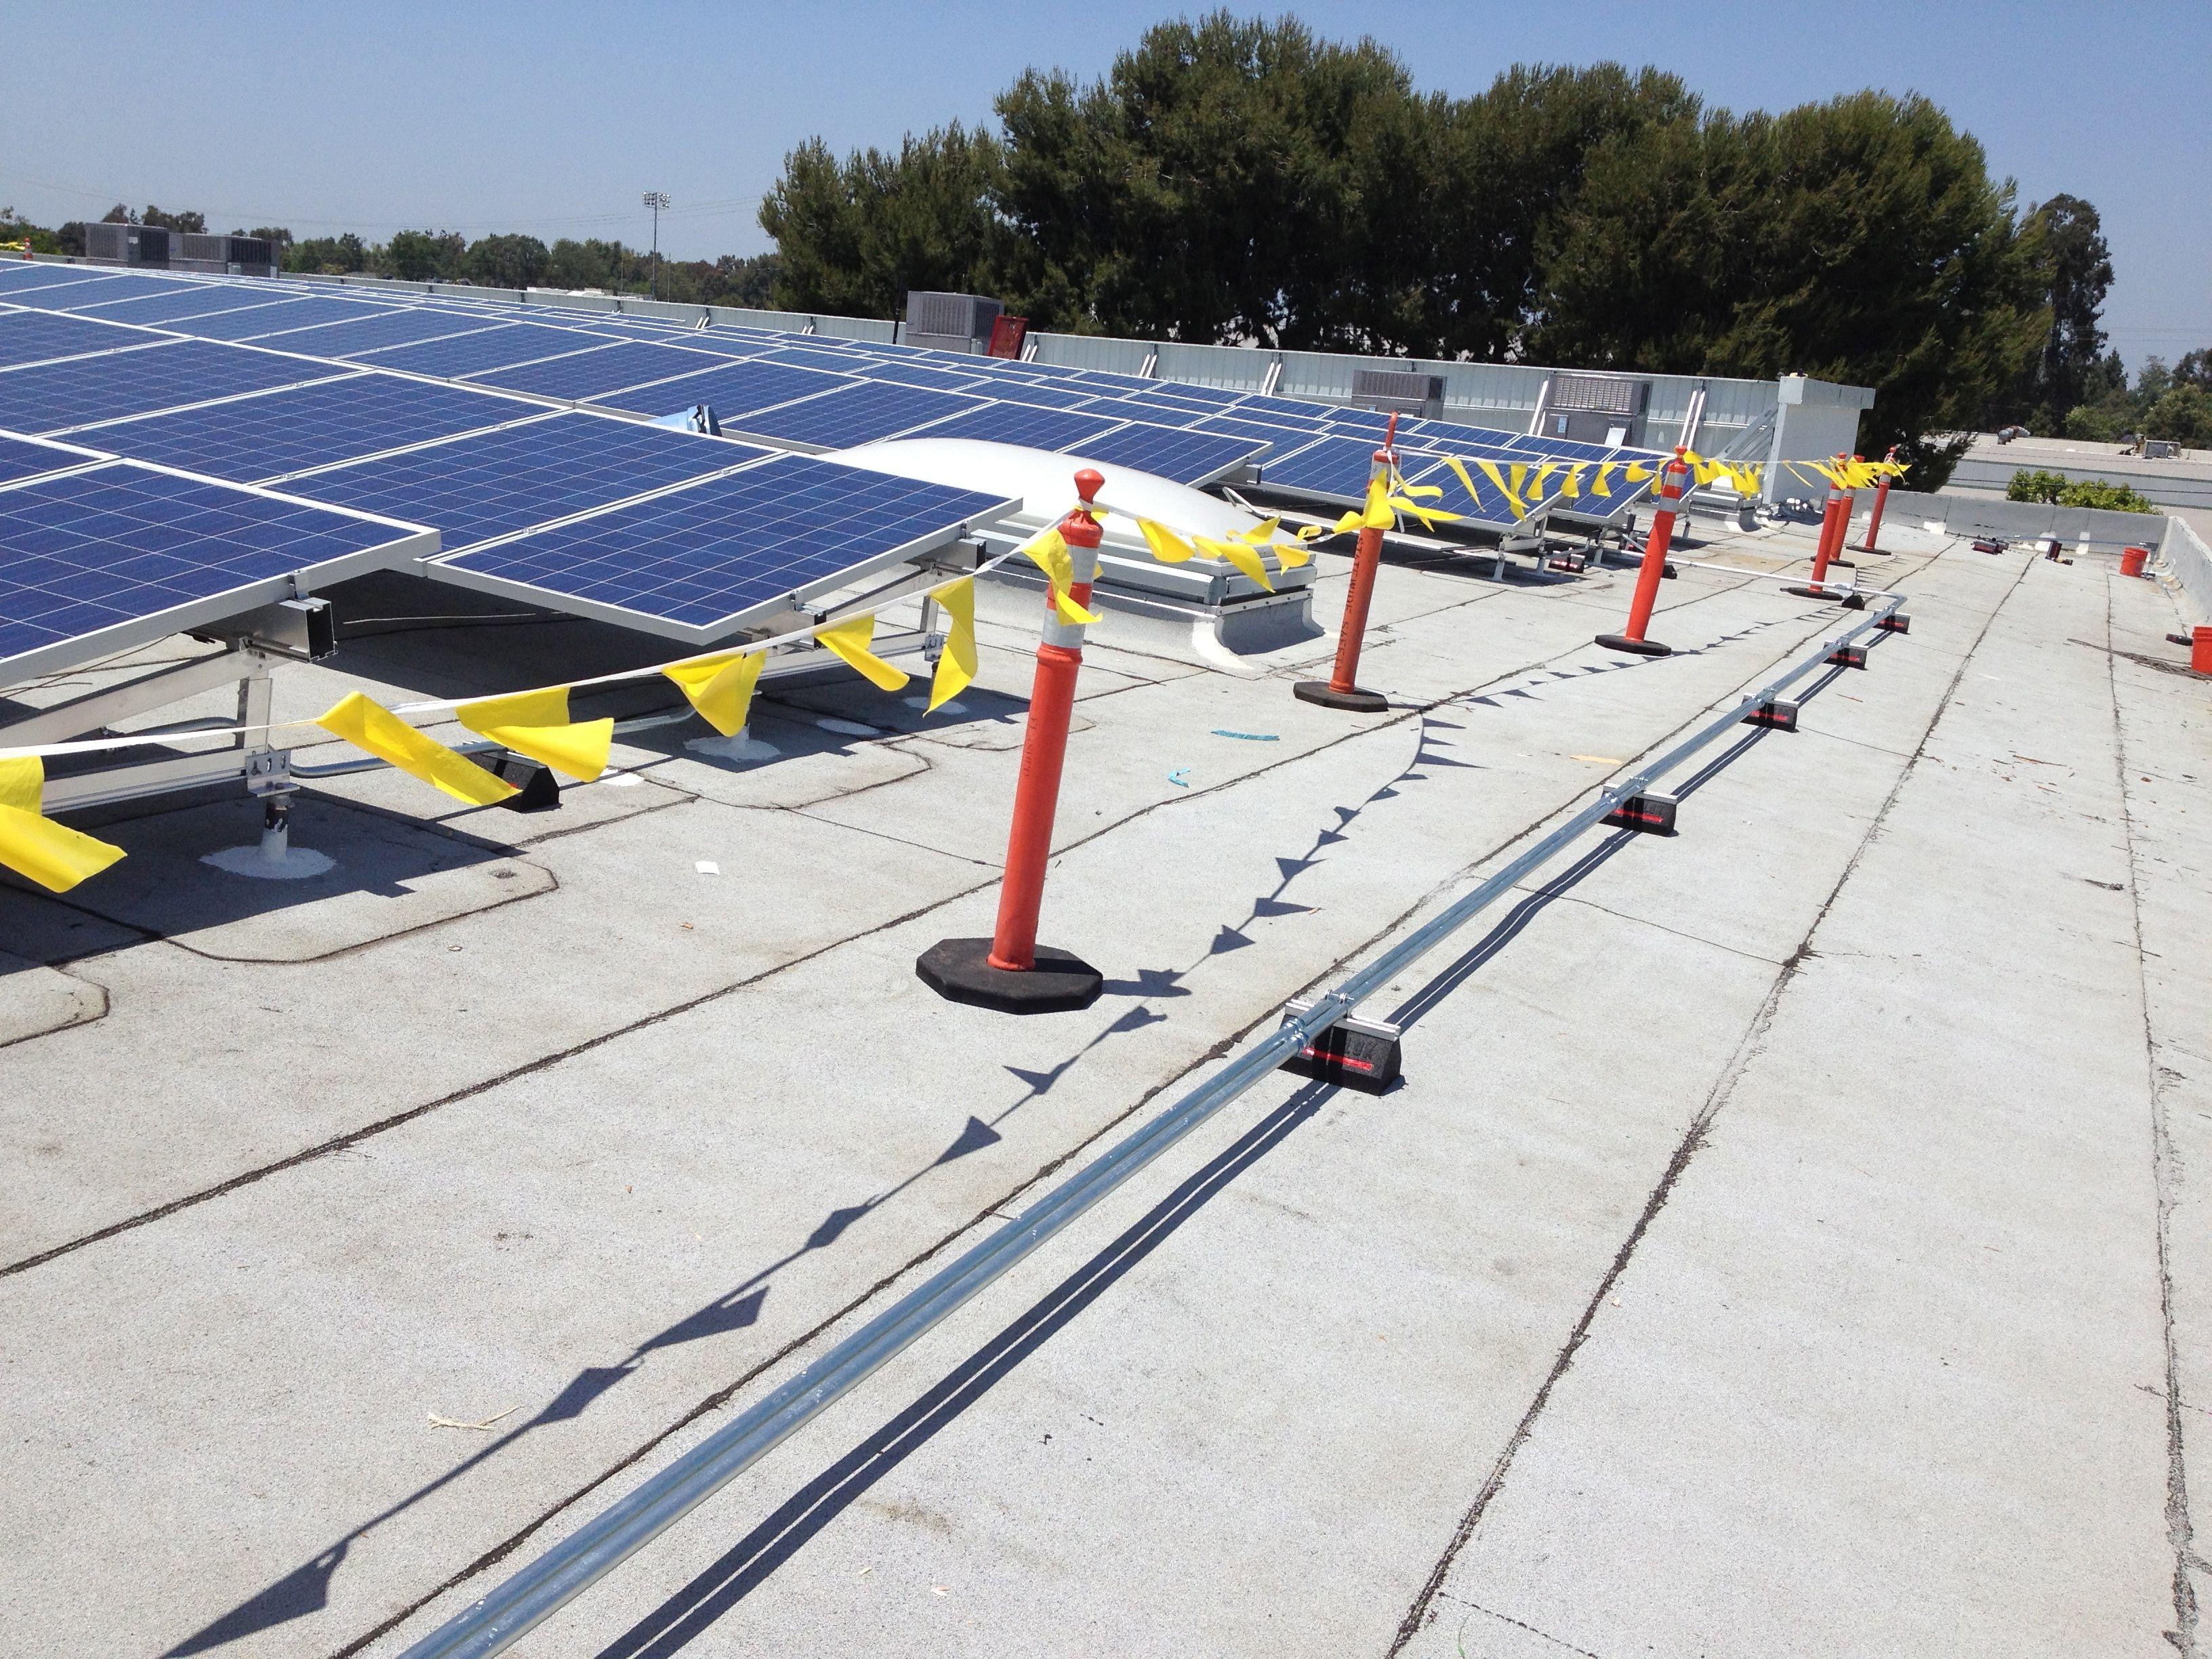 Skytech Solar A San Francisco Bay Area Commercial Solar Panel Installation Company Solar Panels Solar Panel Installation Solar